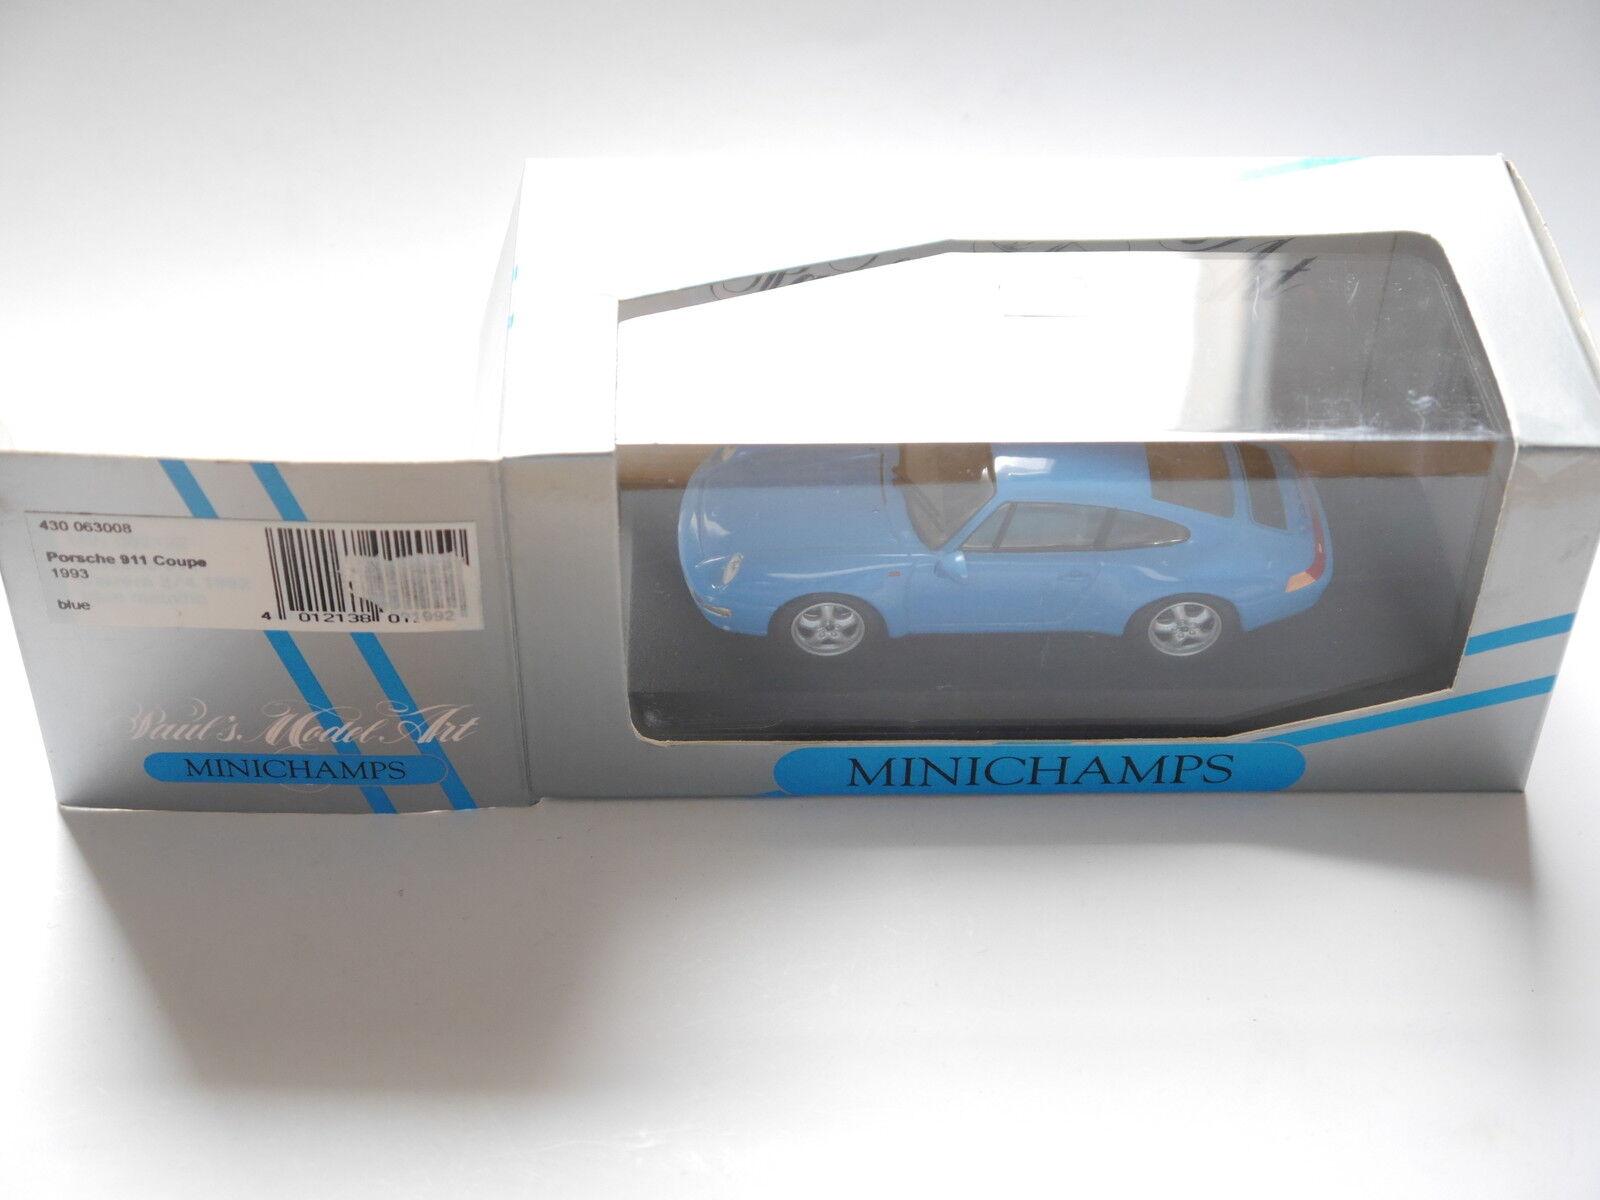 Porsche 911 (993) 1993 Coupe blu blu Blu blu, Minichamps 430063008 1 43 Boxed